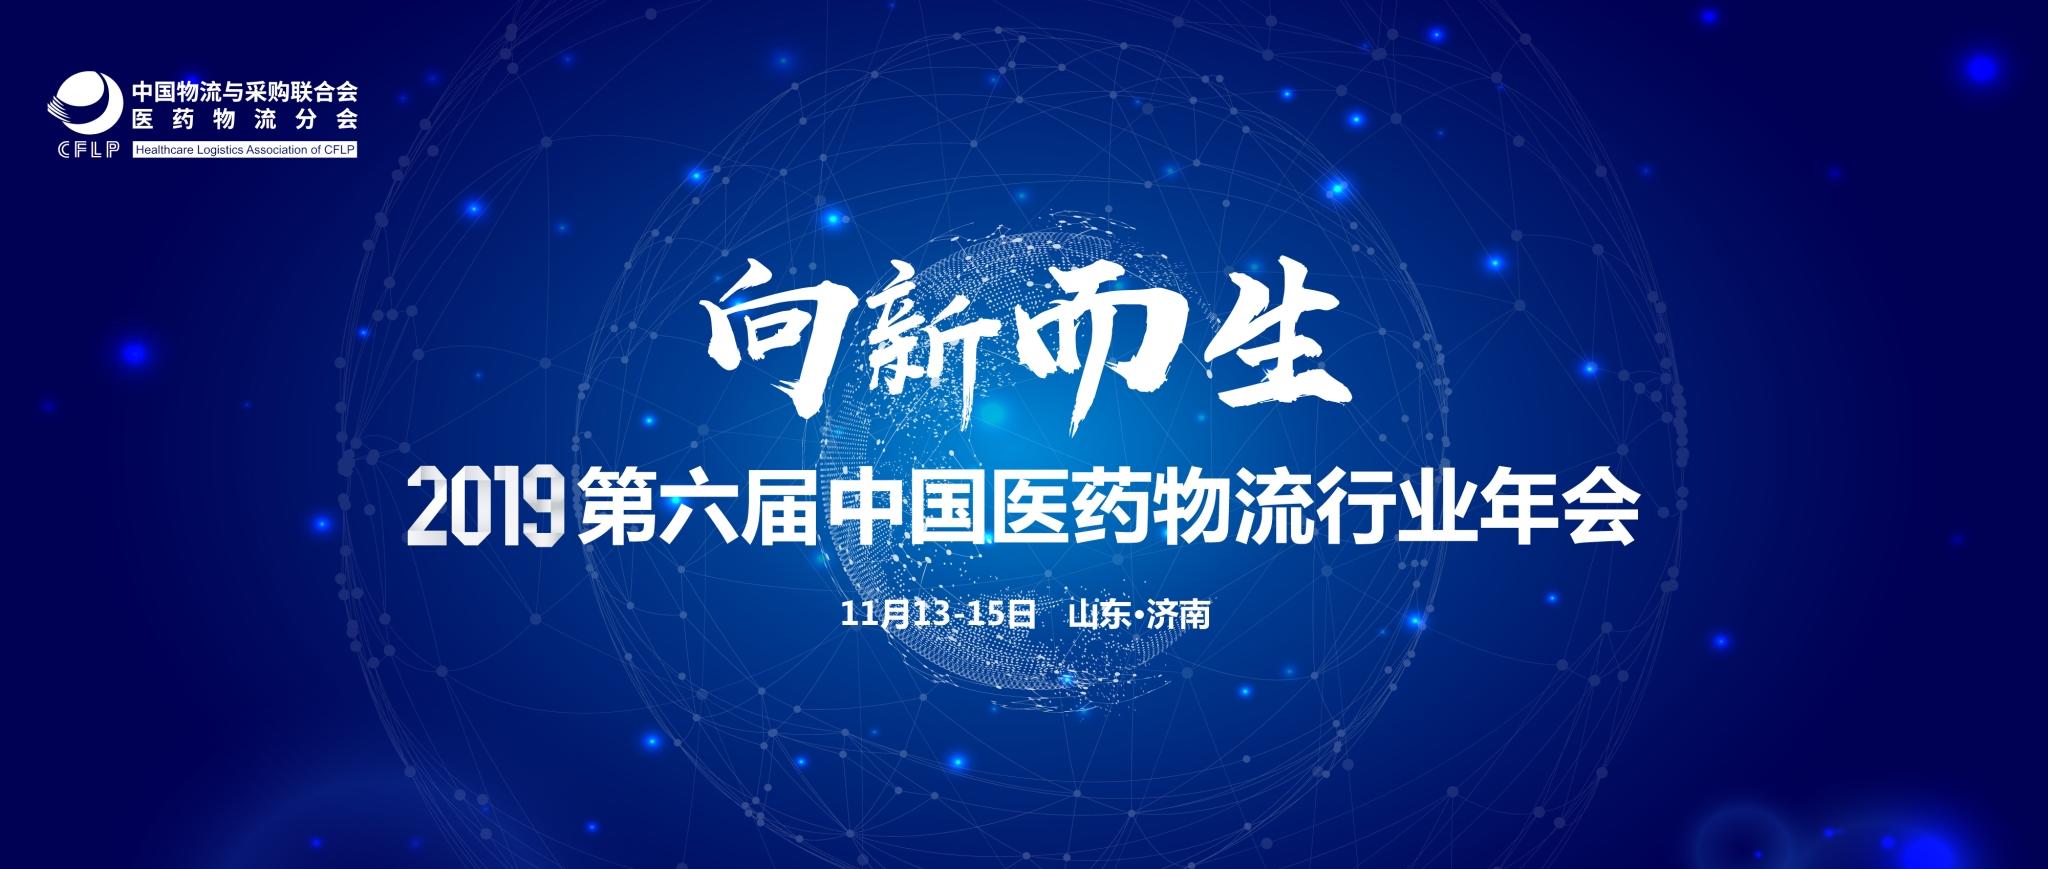 2019(第六届)中国医药物流行业 年会